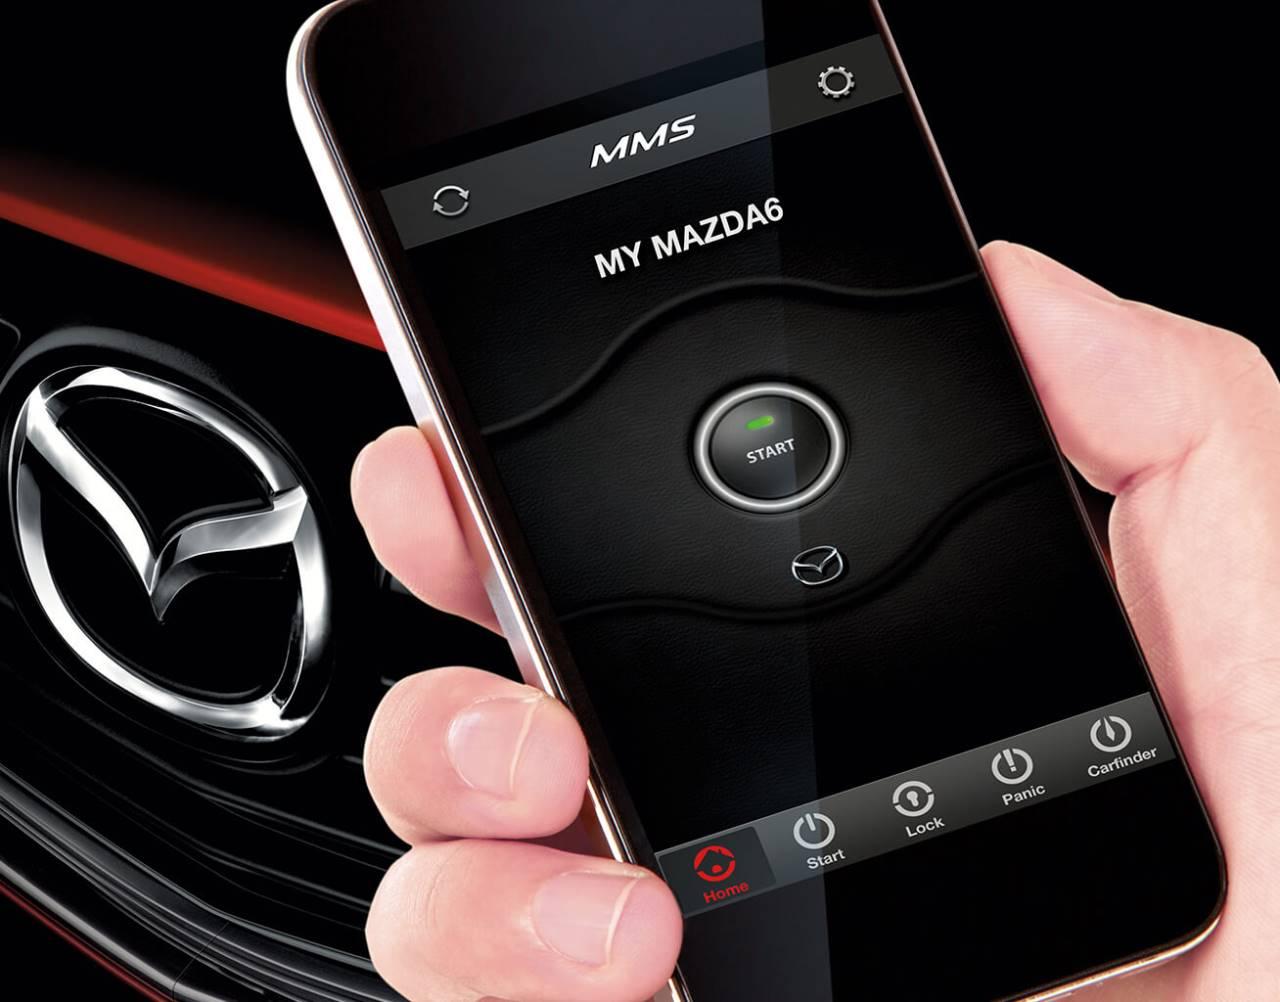 2018 Mazda6, MAZDA MOBILE START<sup>*</sup>